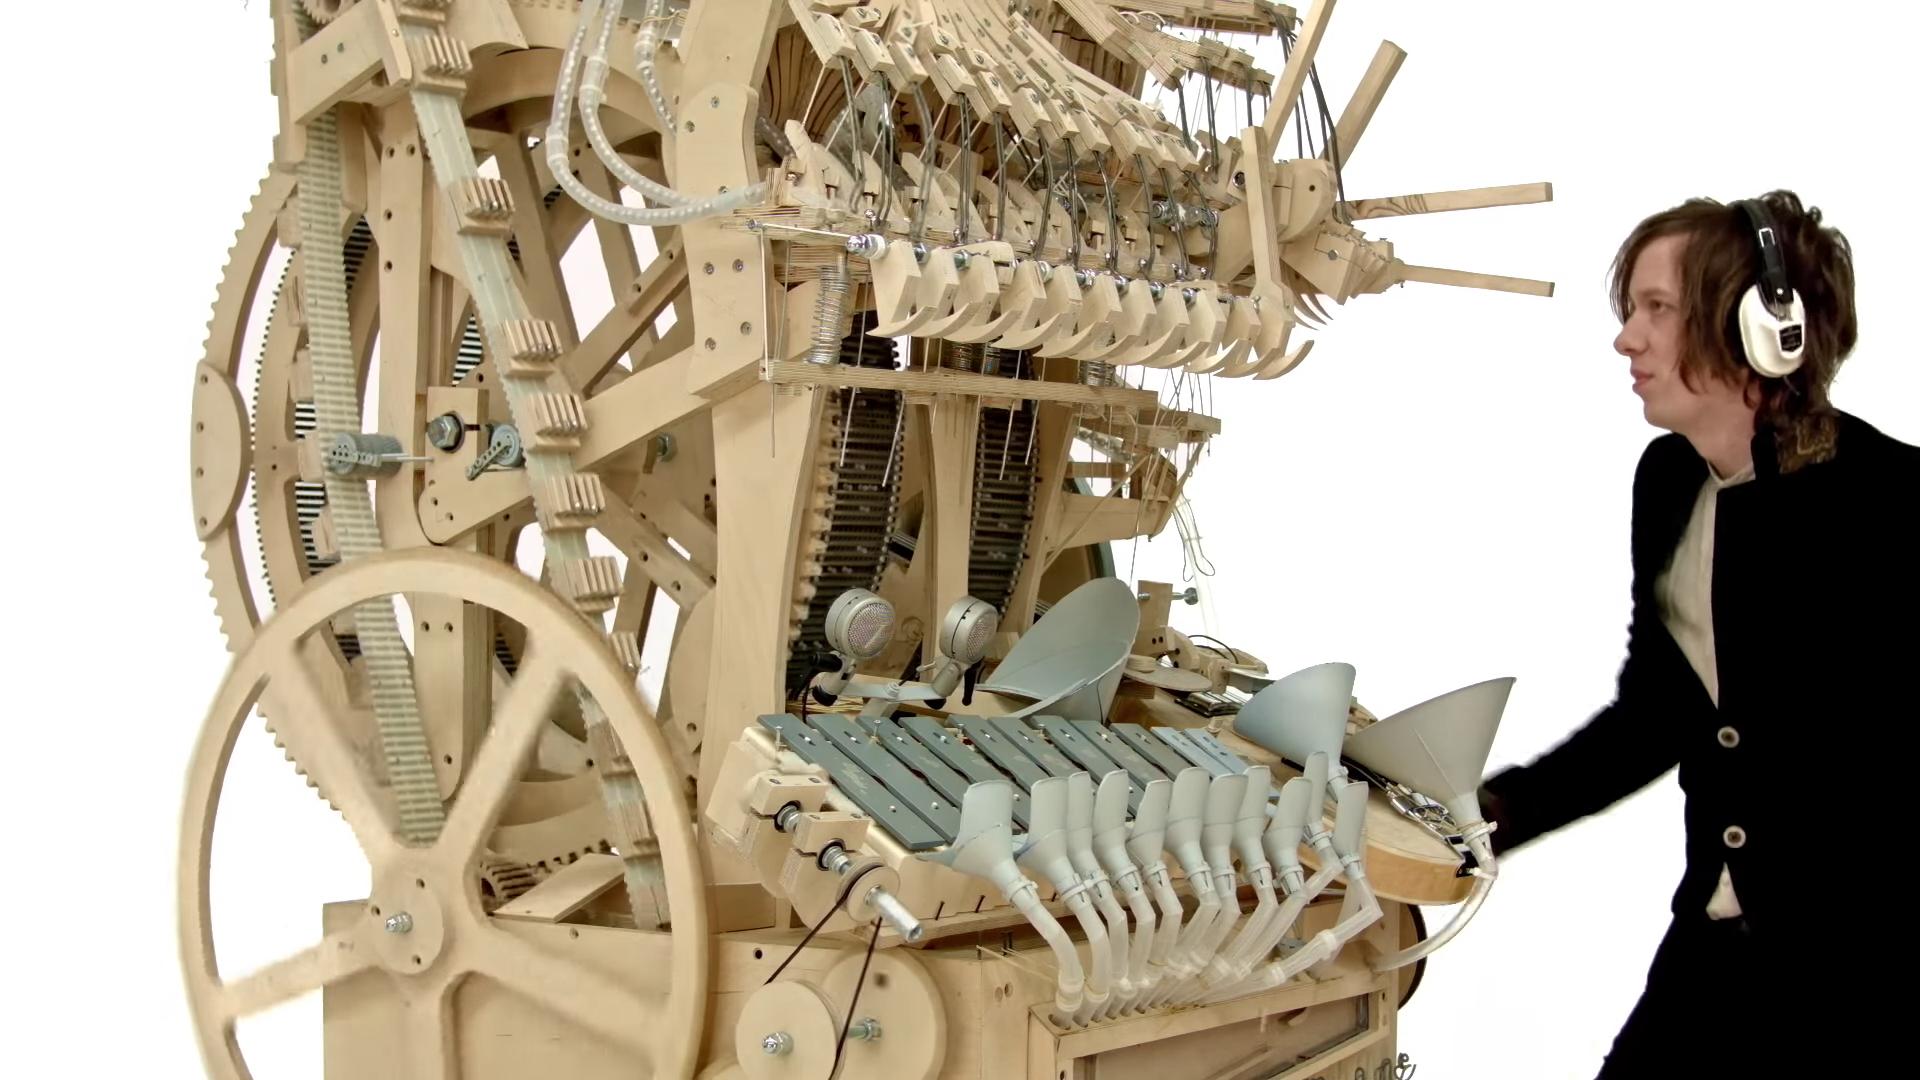 驚異の木製楽器「Marble Machine」 2000の鉄球が奏でる美しい音色…